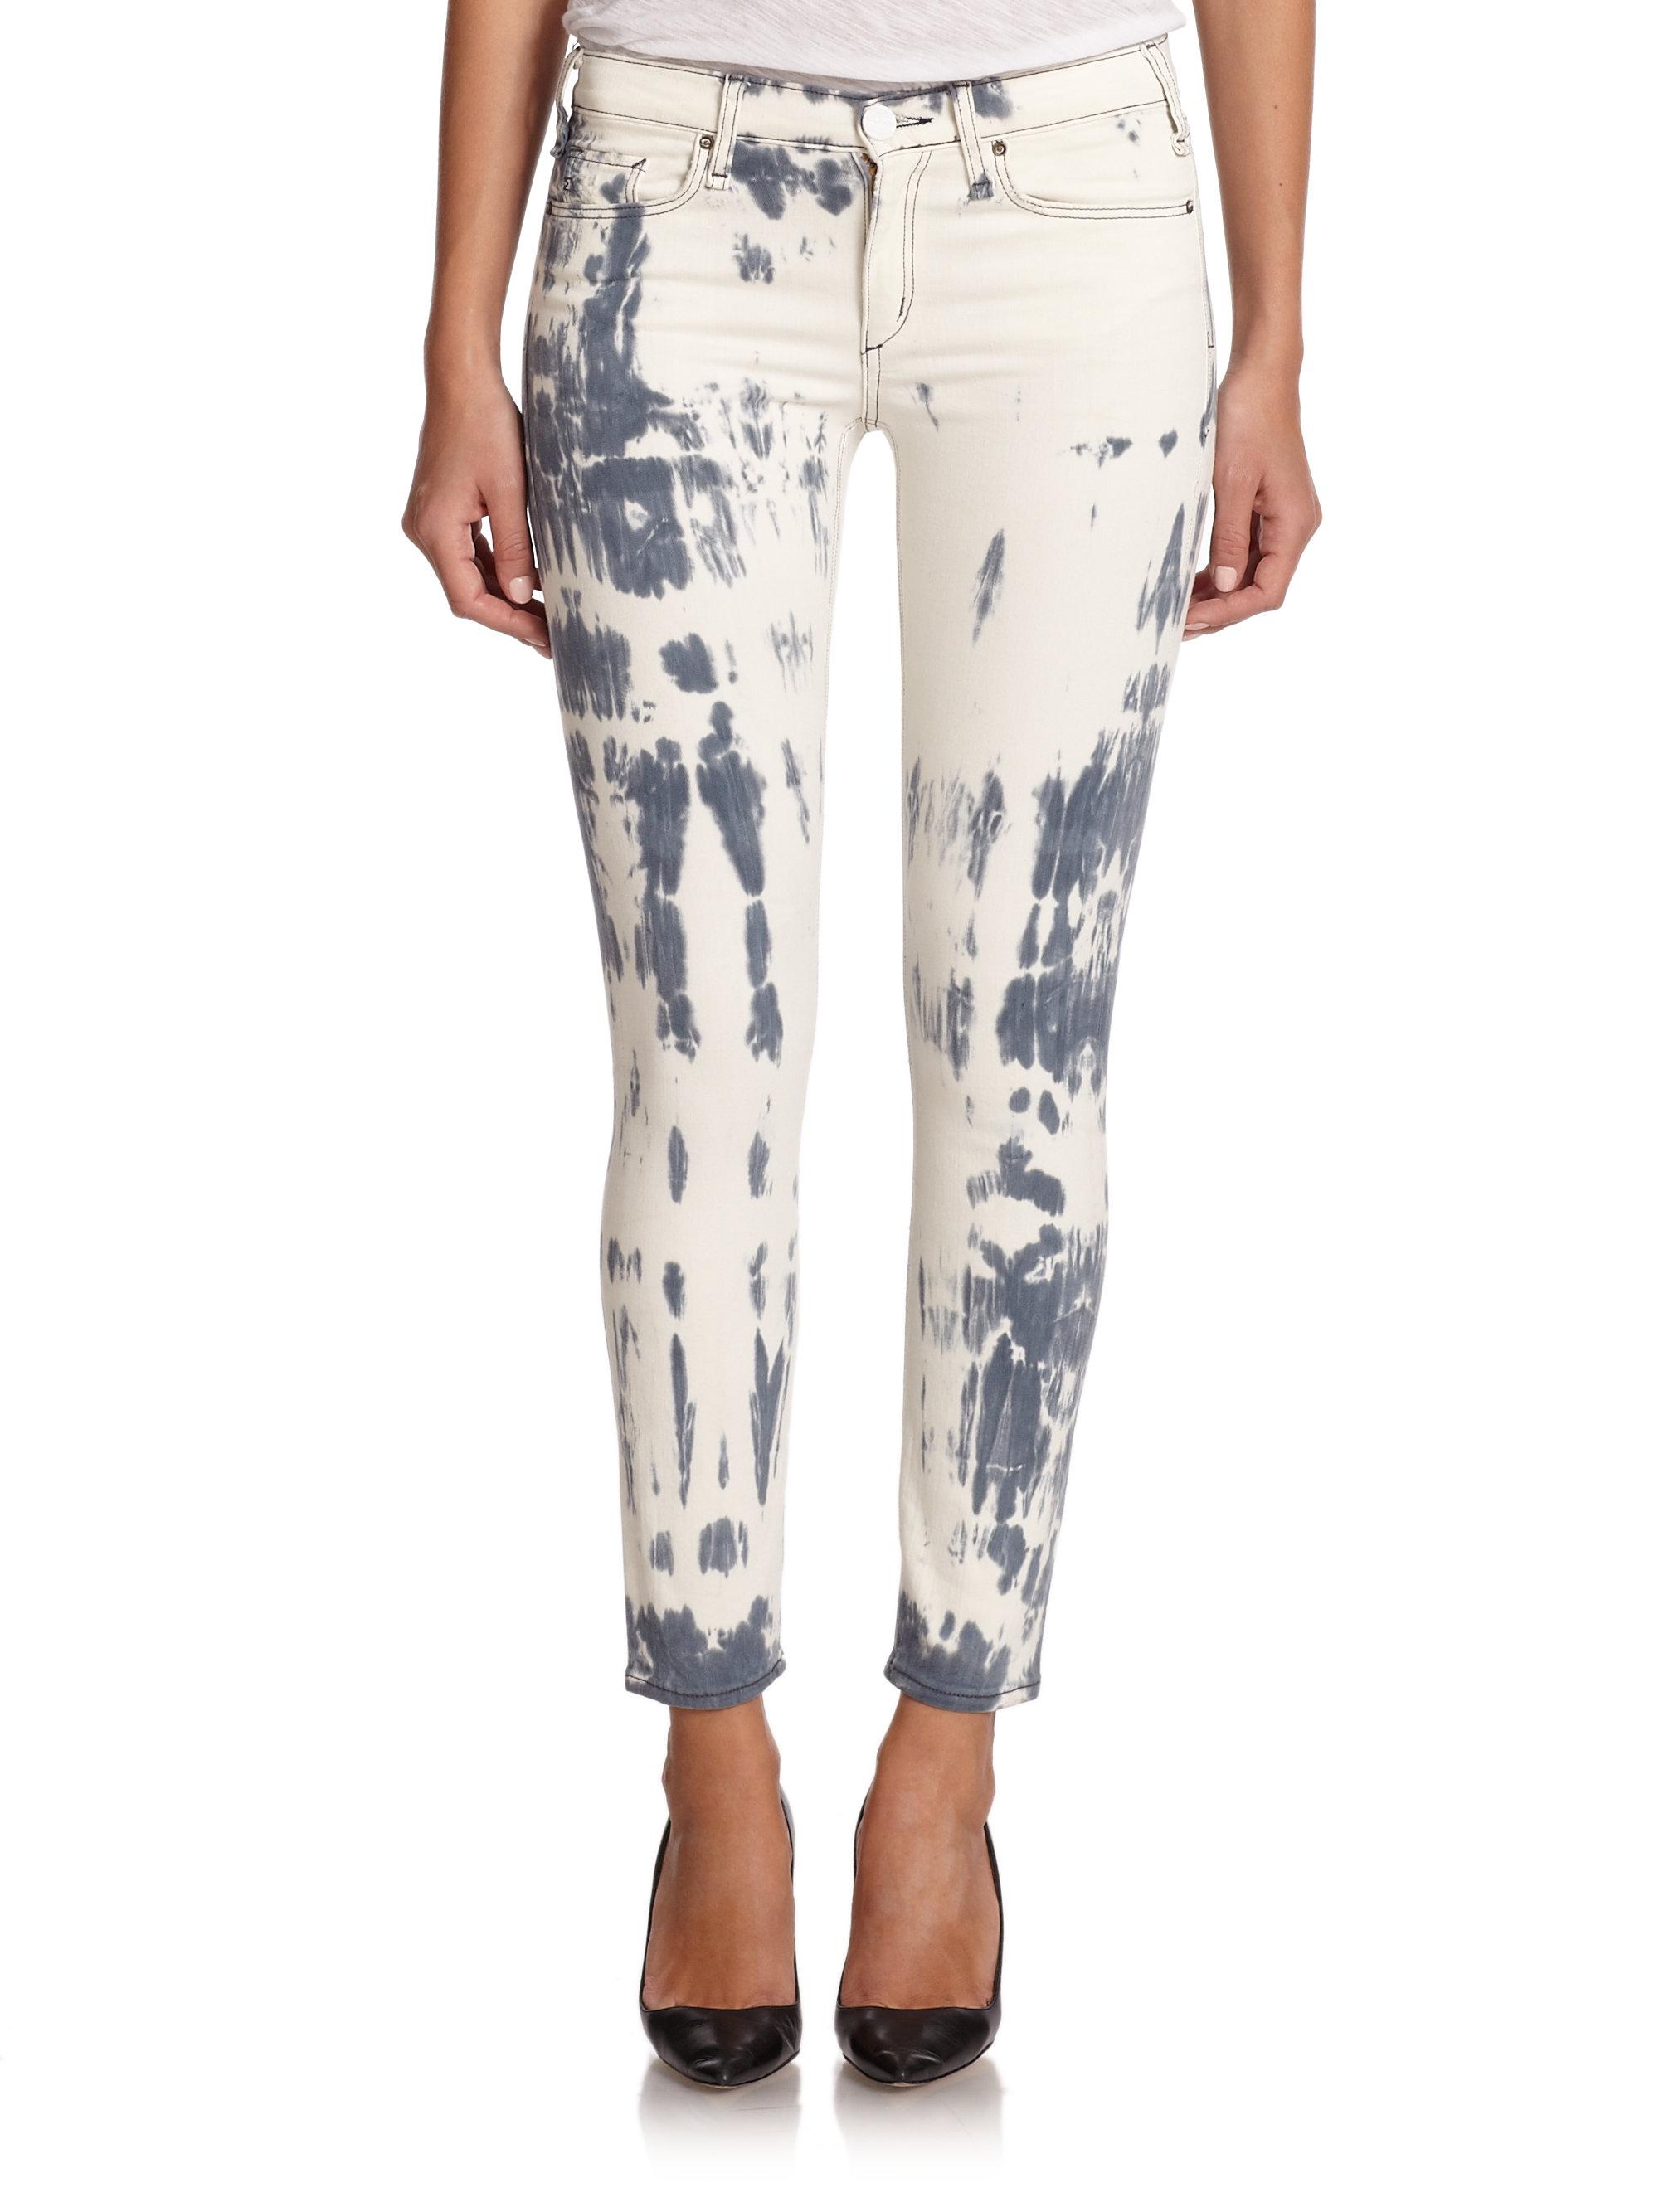 d744529a9ff36 Lyst - Mcguire Newton Tie-dye Skinny Jeans in Gray